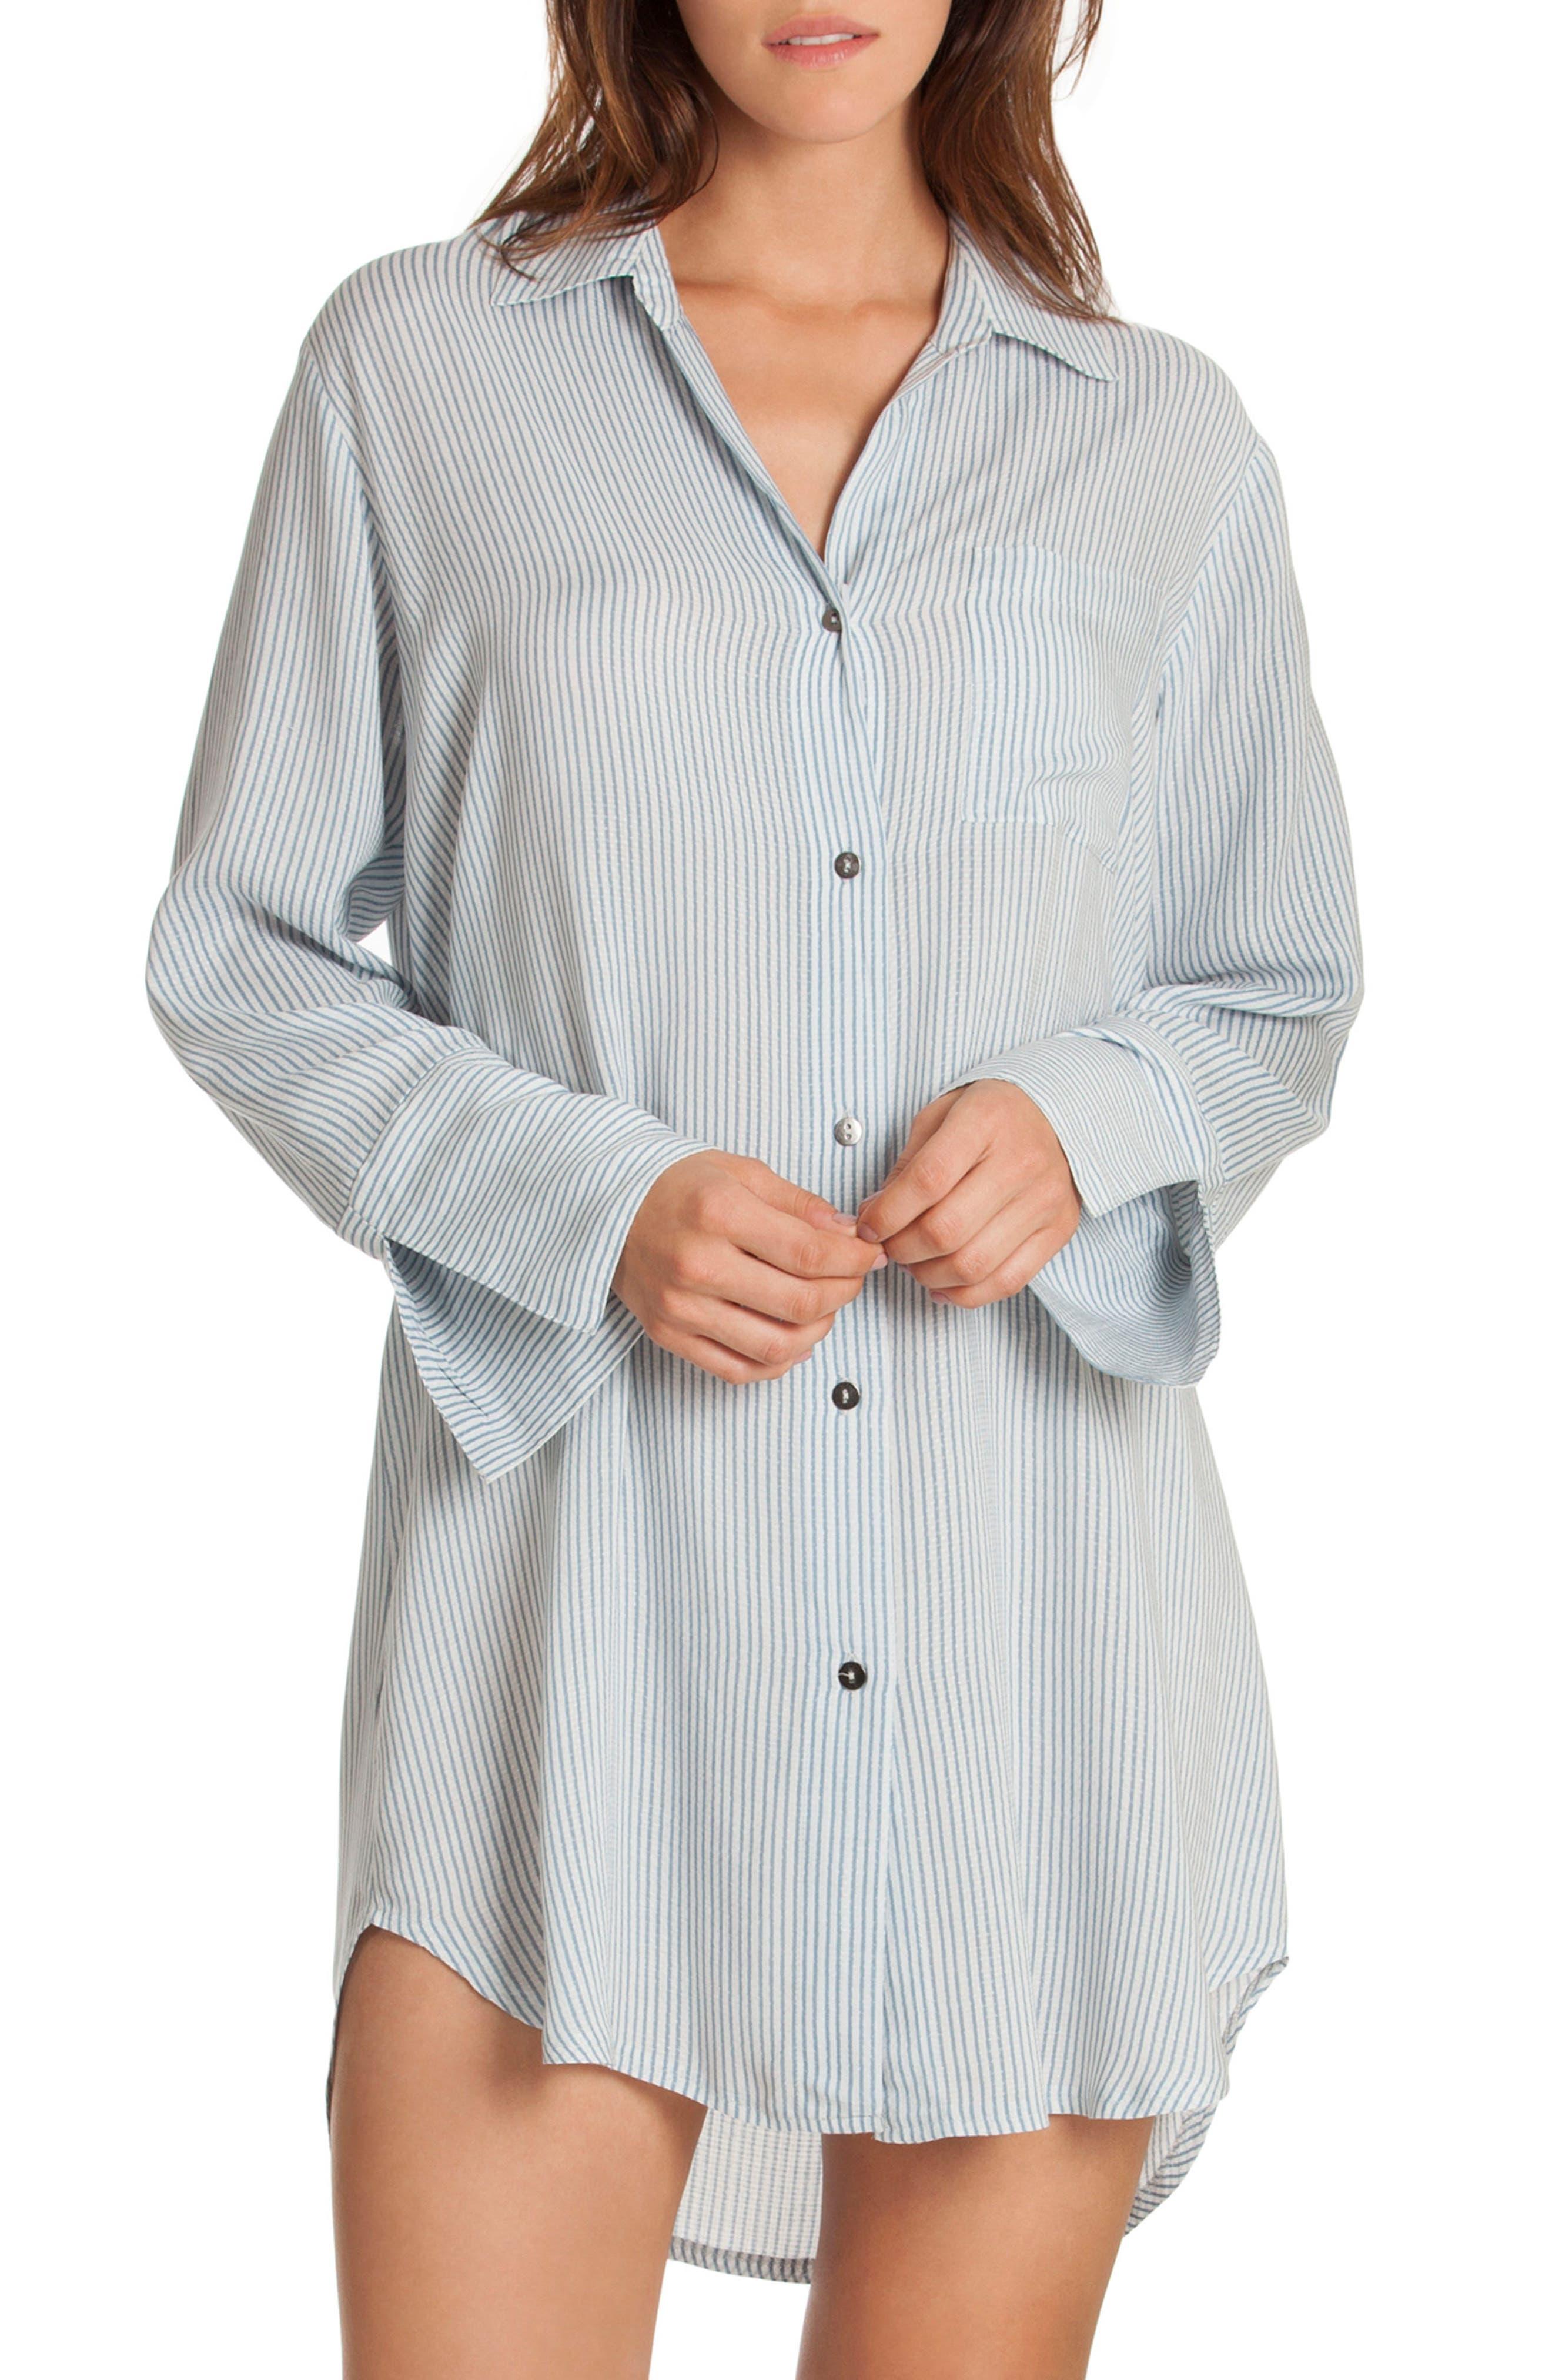 Midnight Bakery Sleep Shirt